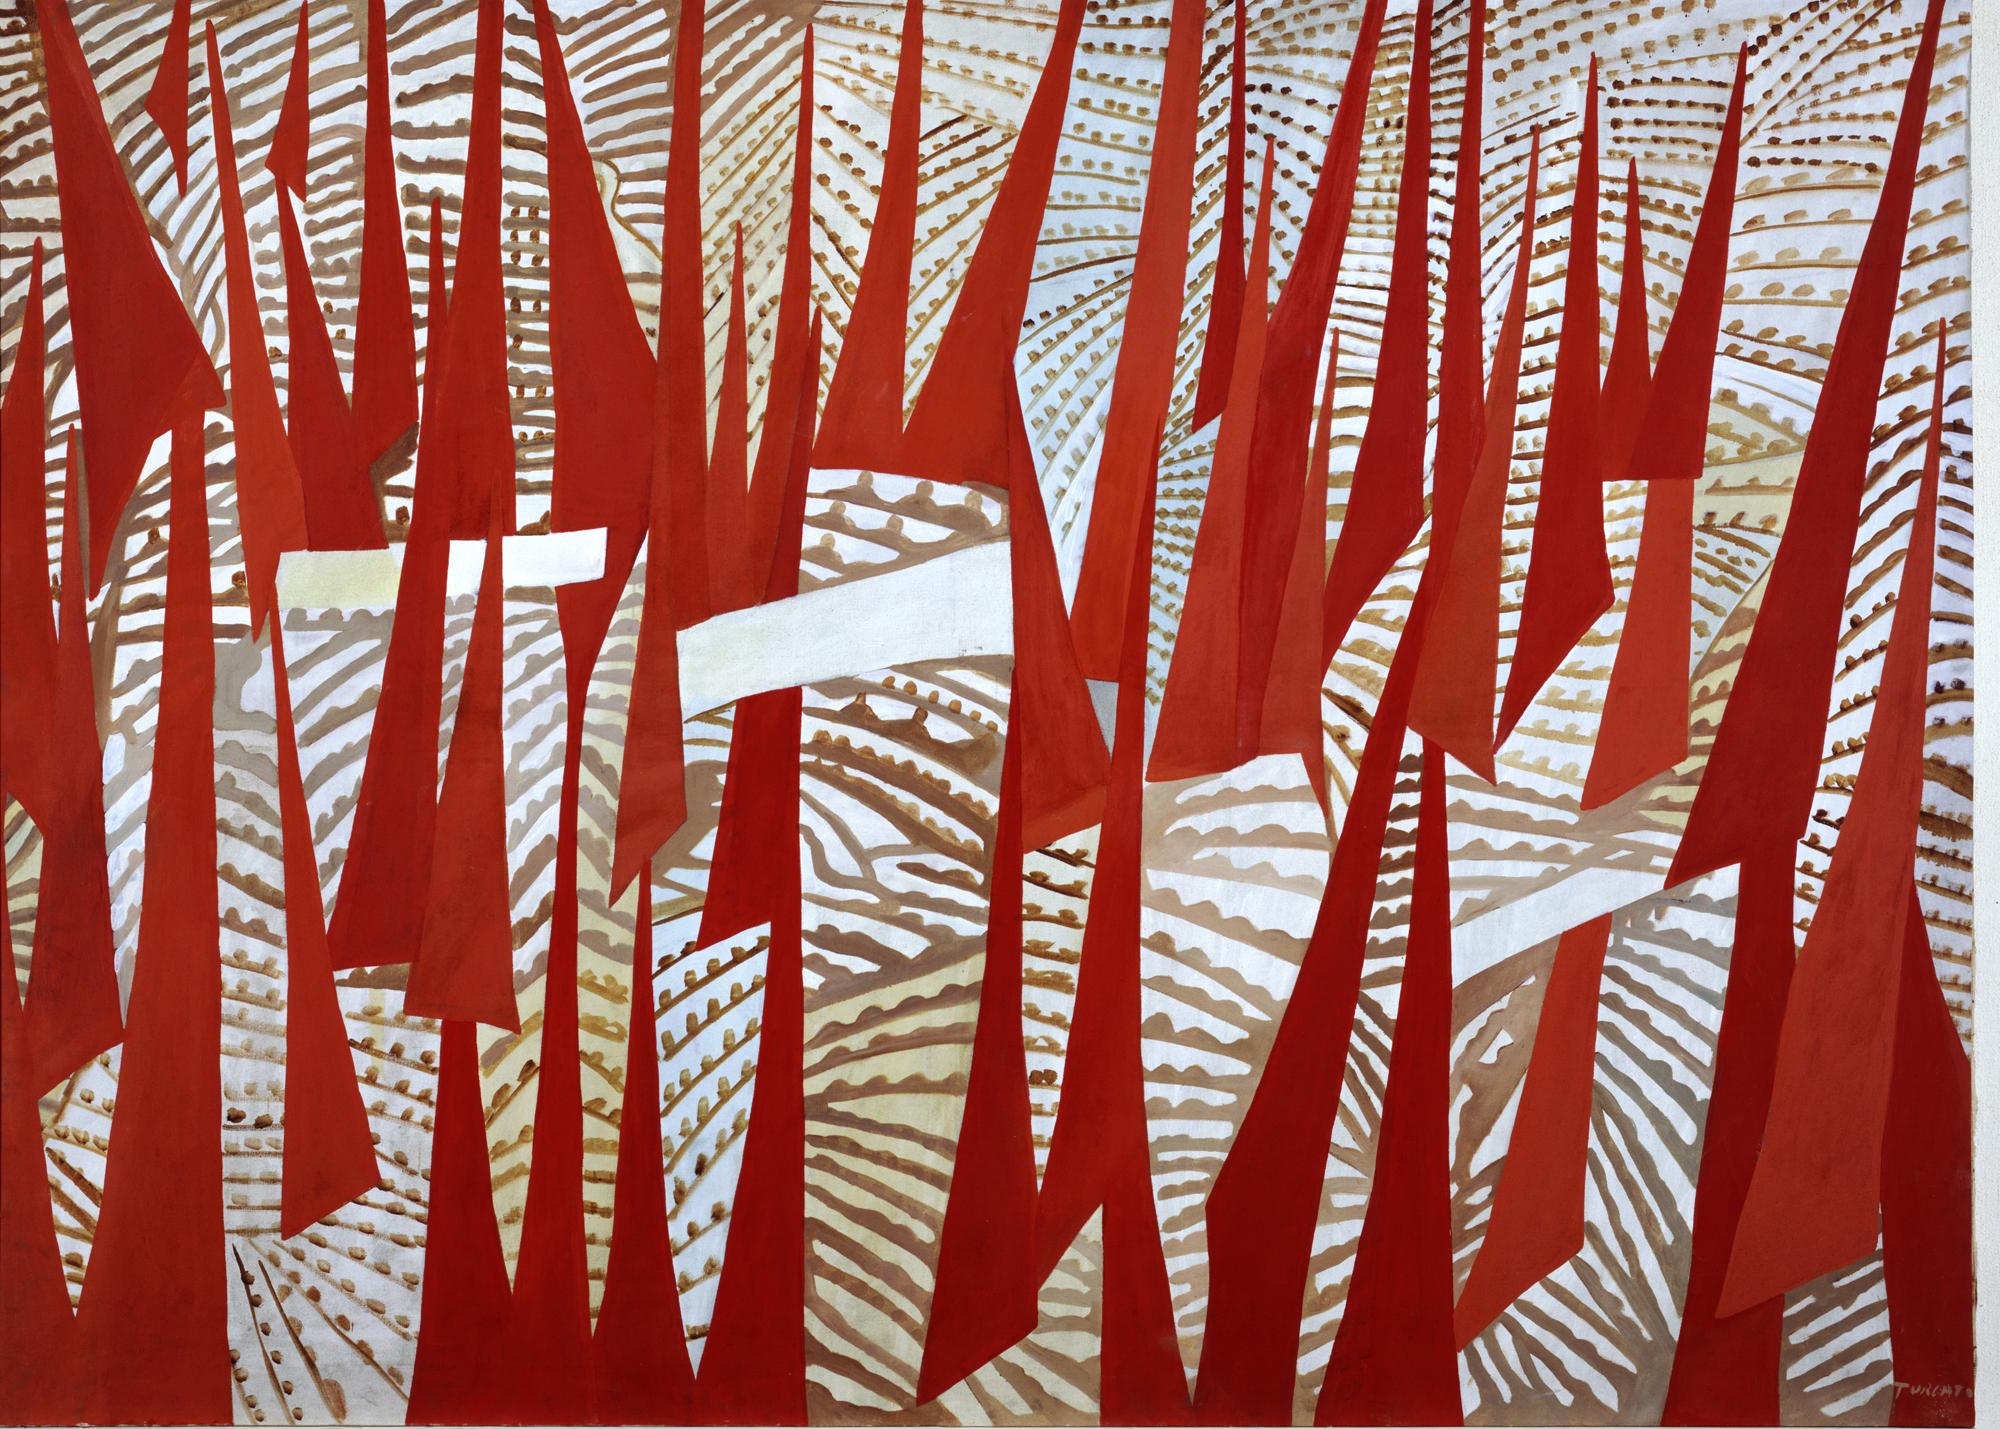 cato (Mantova 1912-Roma 1995), Comizio, 1950, olio su tela, cm 145 x 200, Roma, Galleria d'Arte Moderna © Roma Capitale – Sovrintendenza Capitolina ai Beni Culturali. Foto Schiavinotto Roma. Giulio Turcato, by SIAE 2018